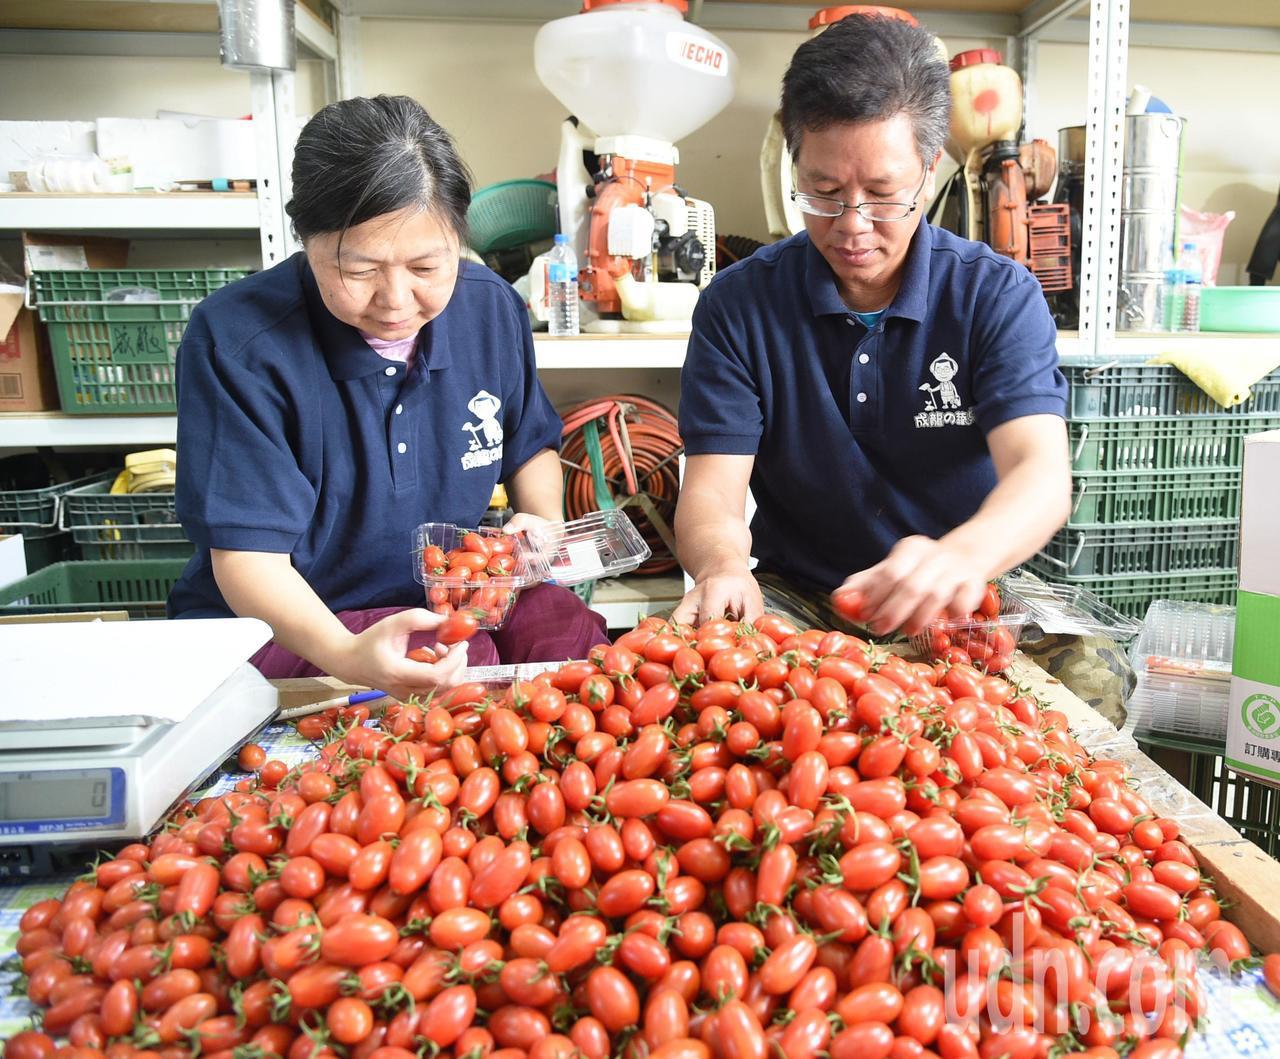 退役軍官蕭成龍(右)經營「成龍果園」種植小番茄甜度超高。記者劉學聖/攝影